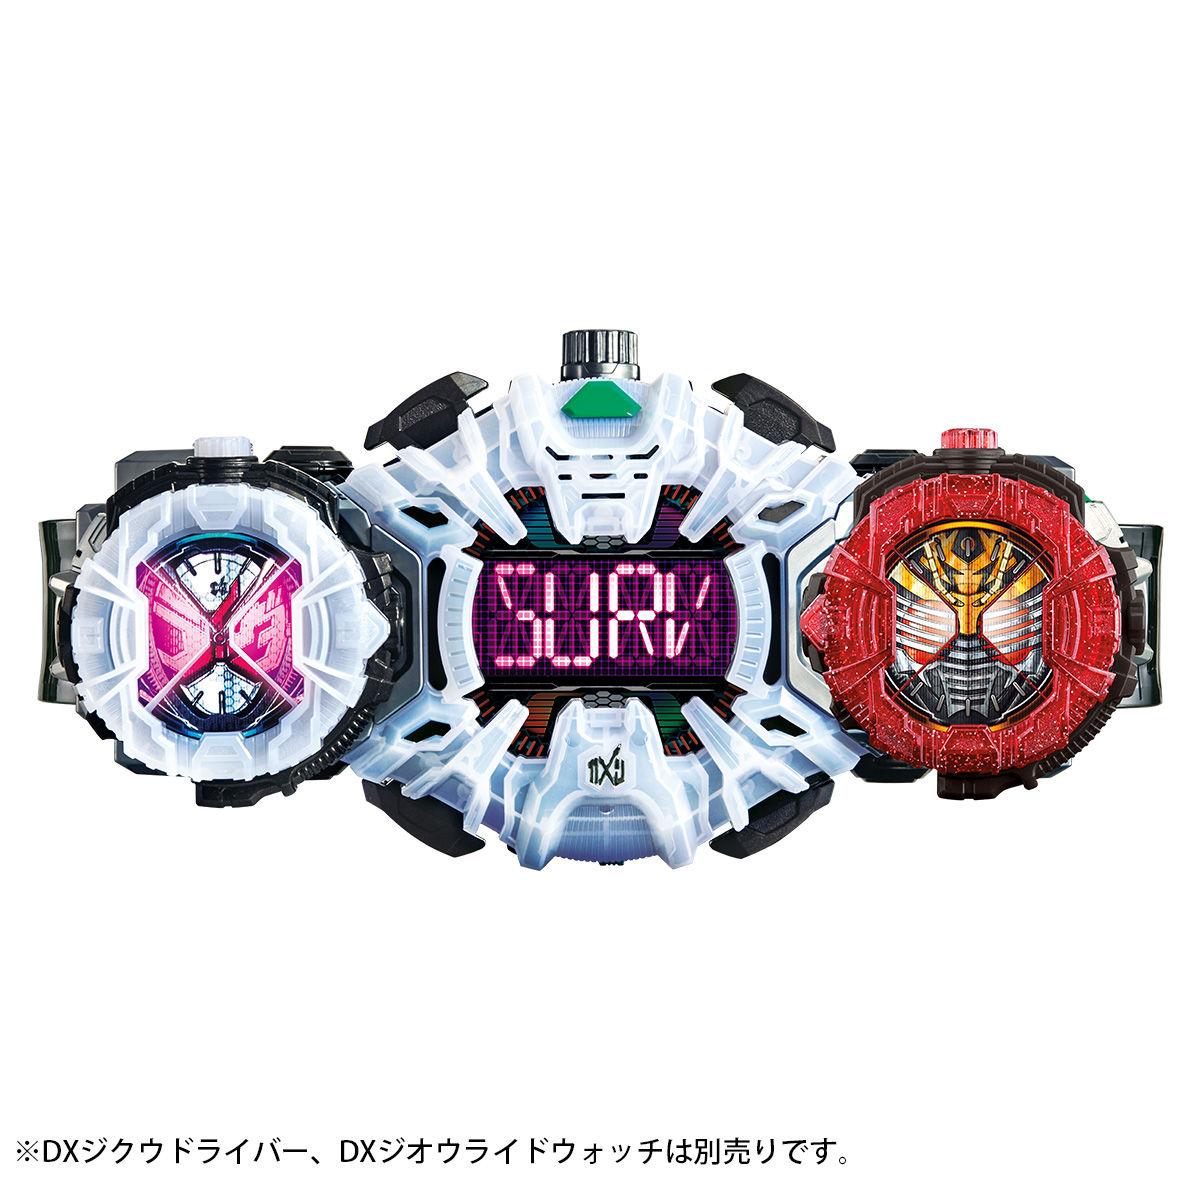 Kamen Rider Zi-O DX Ridewatch Set Volume 1 & 2